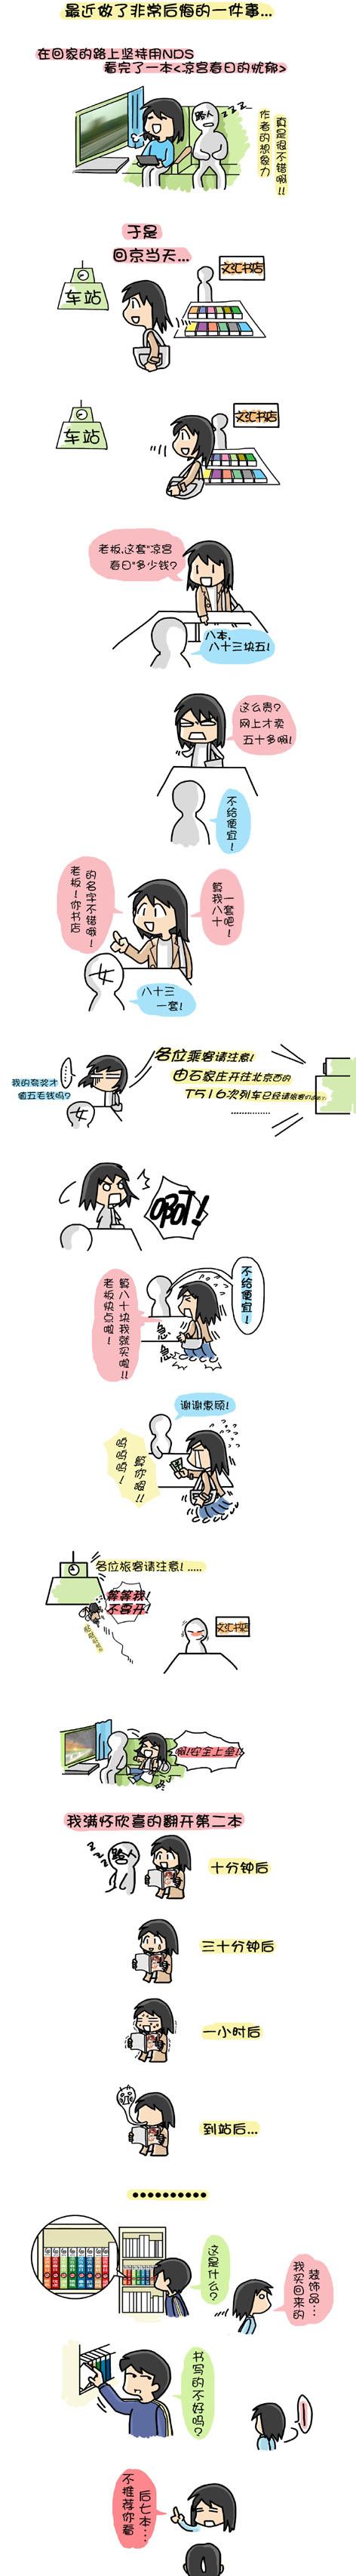 凉宫春日步.... - 小步 - 小步漫画日记